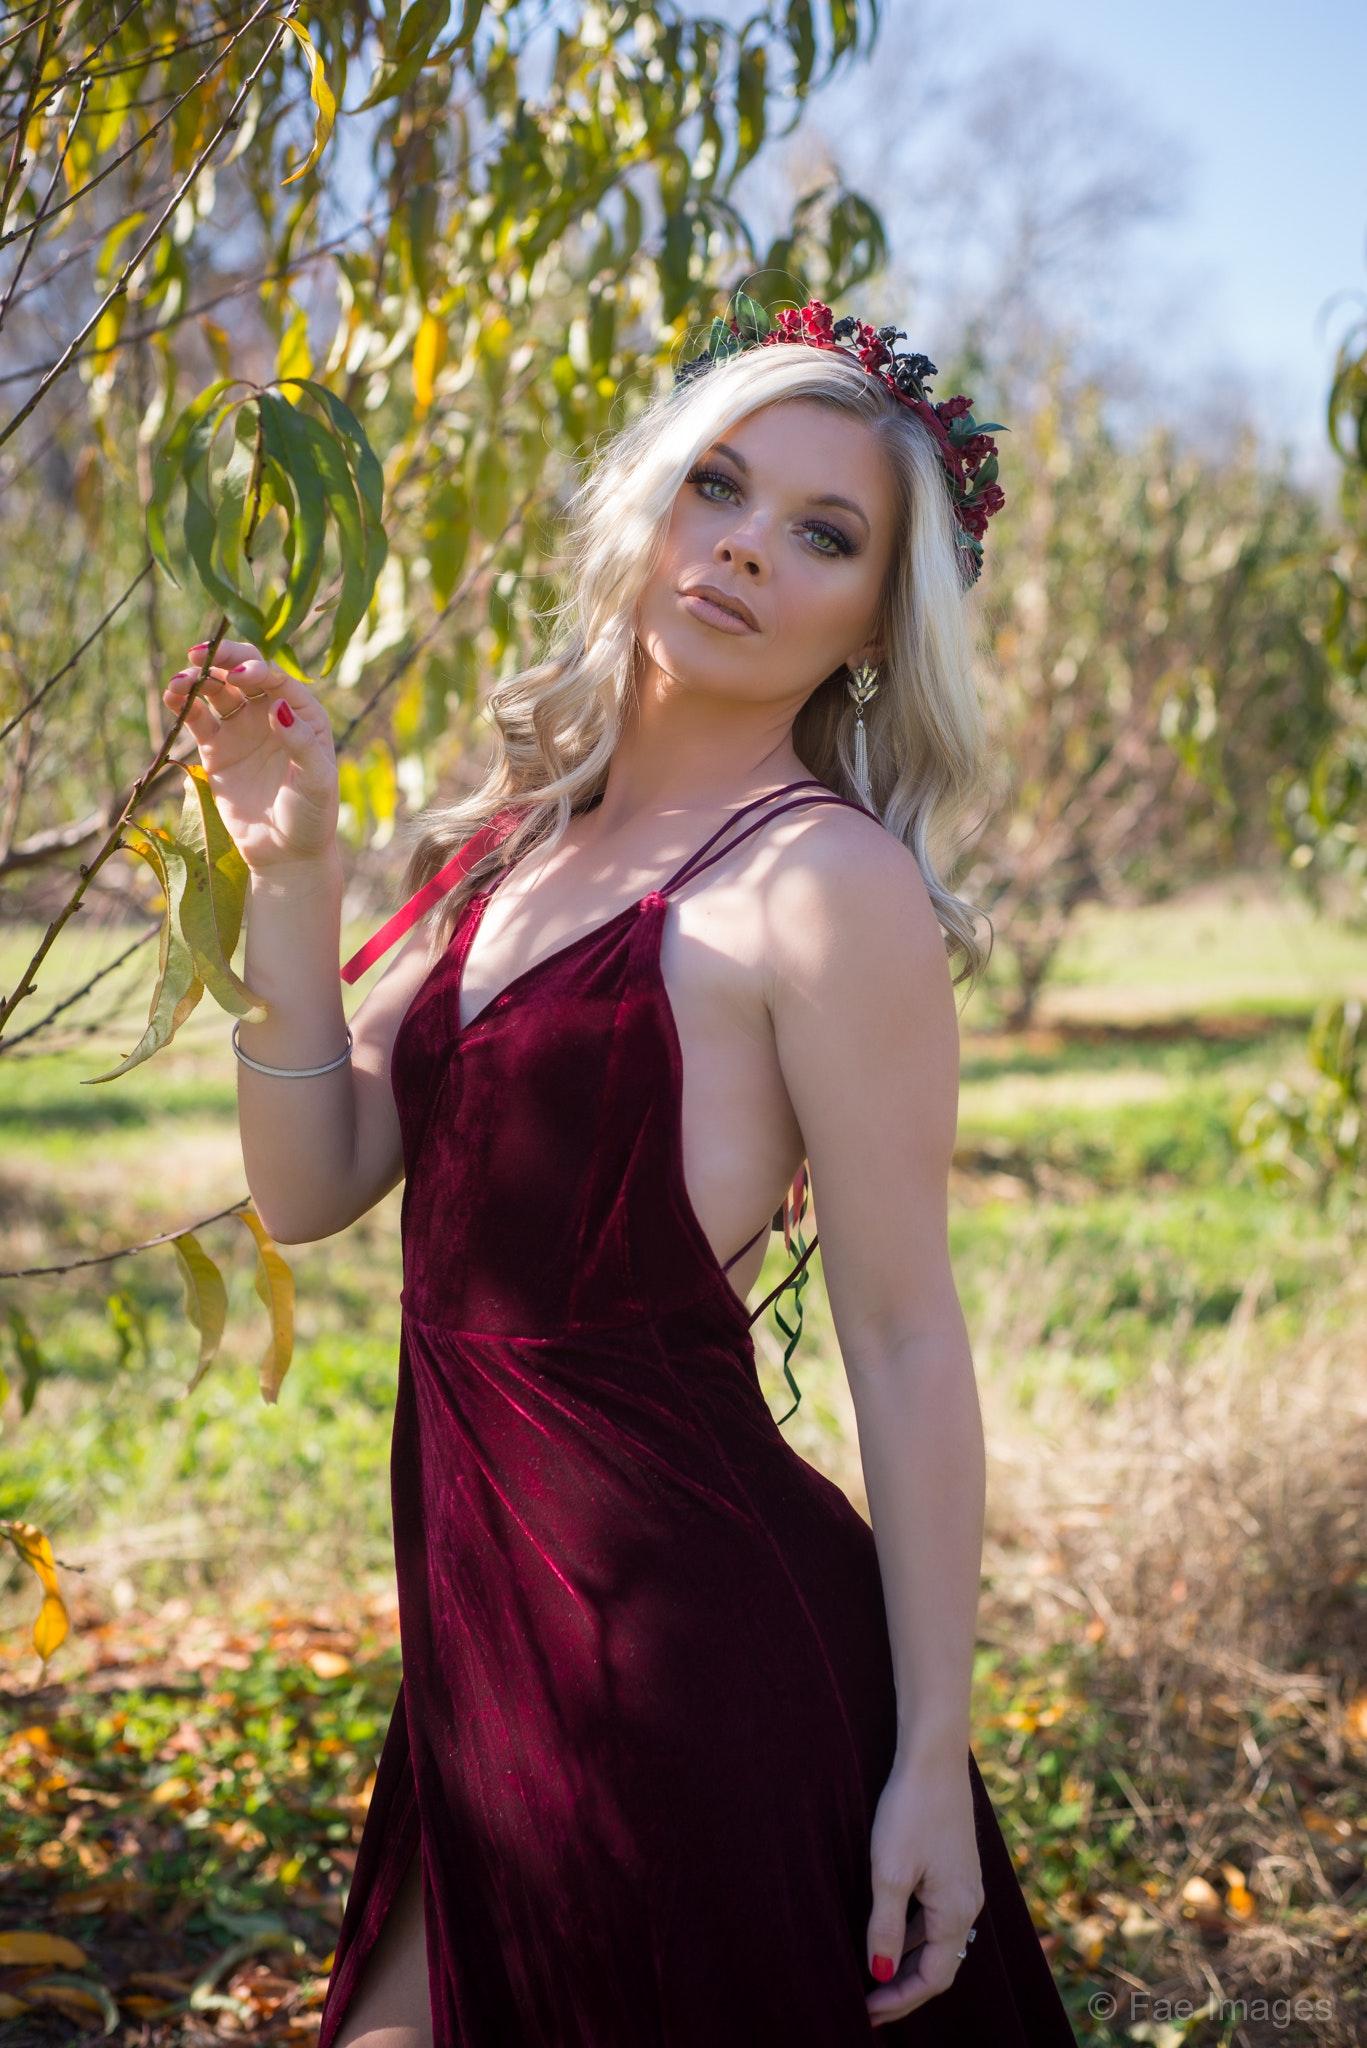 Fae Images - Jennie glamour - web-27